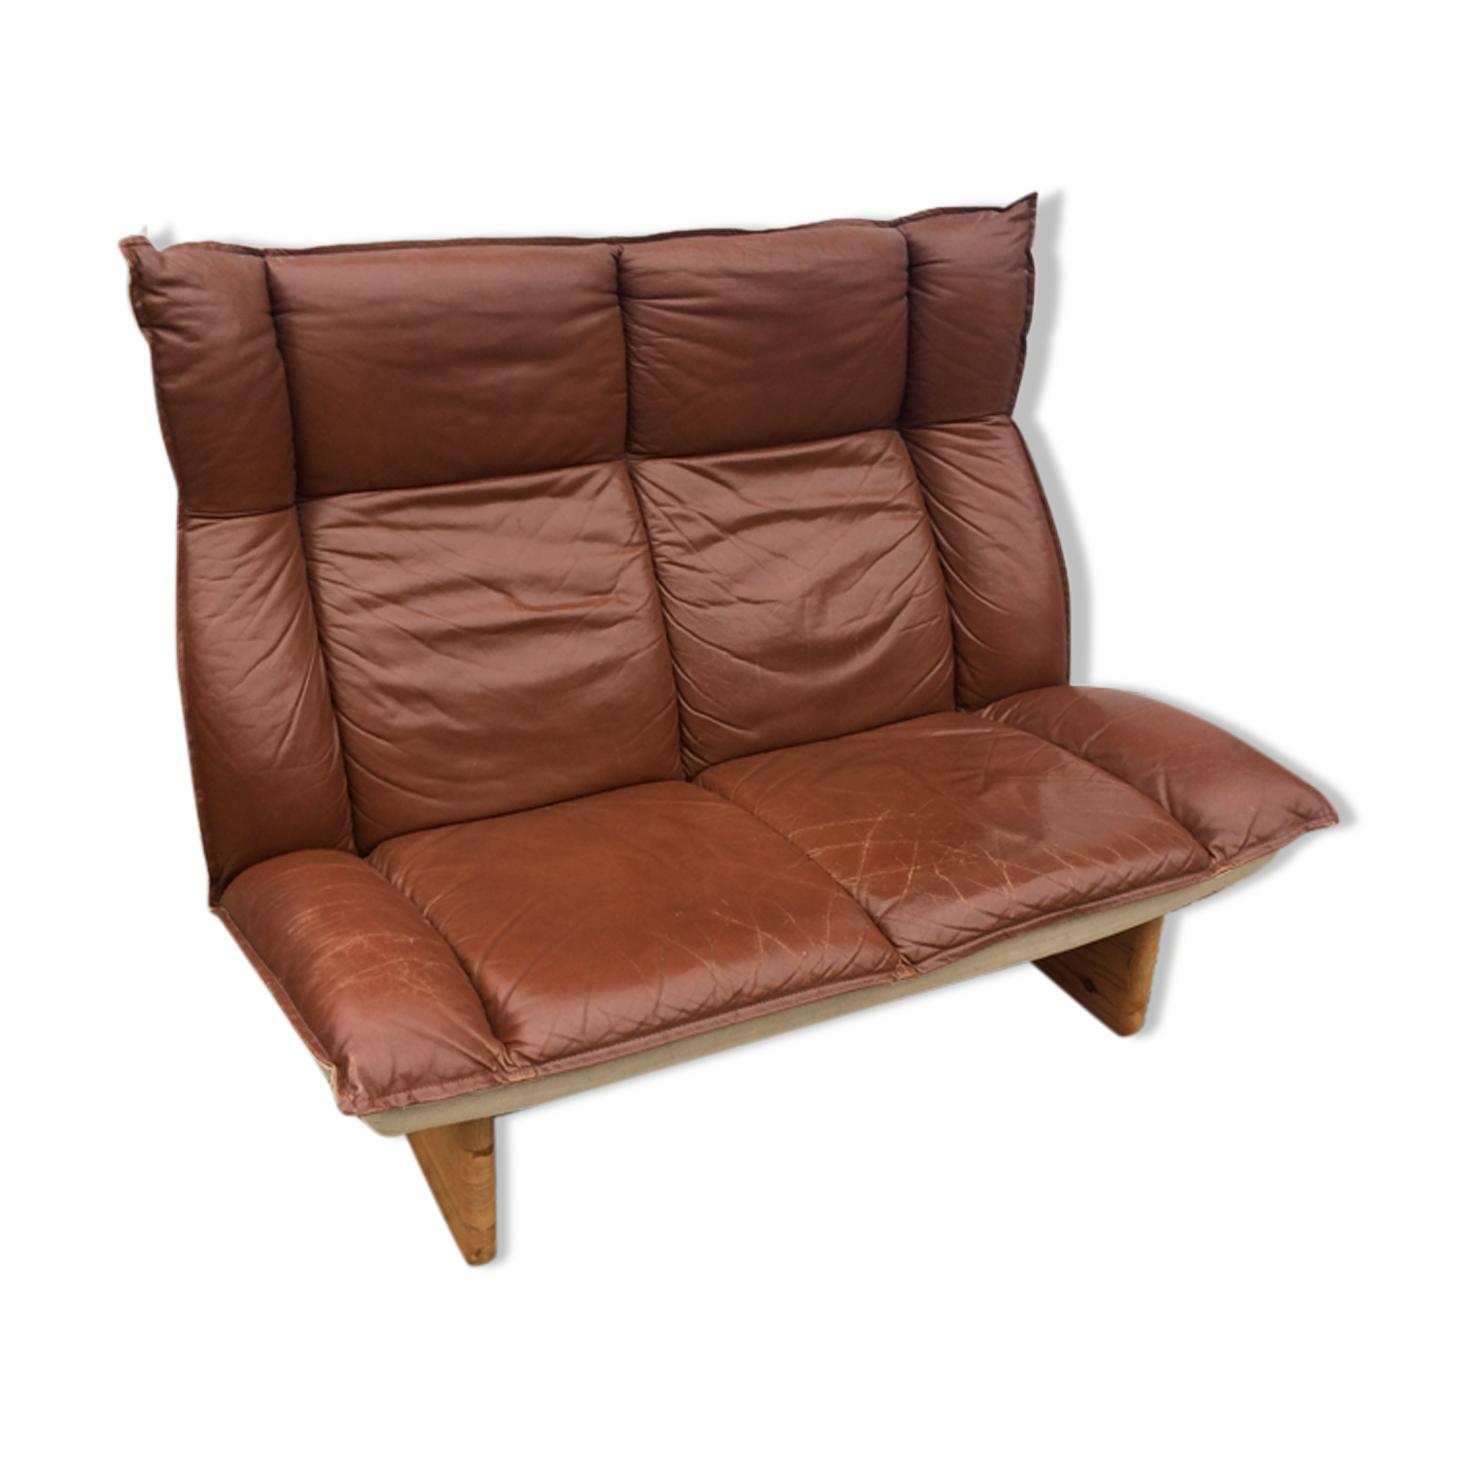 Canapé cuir et lin vintage scandinave